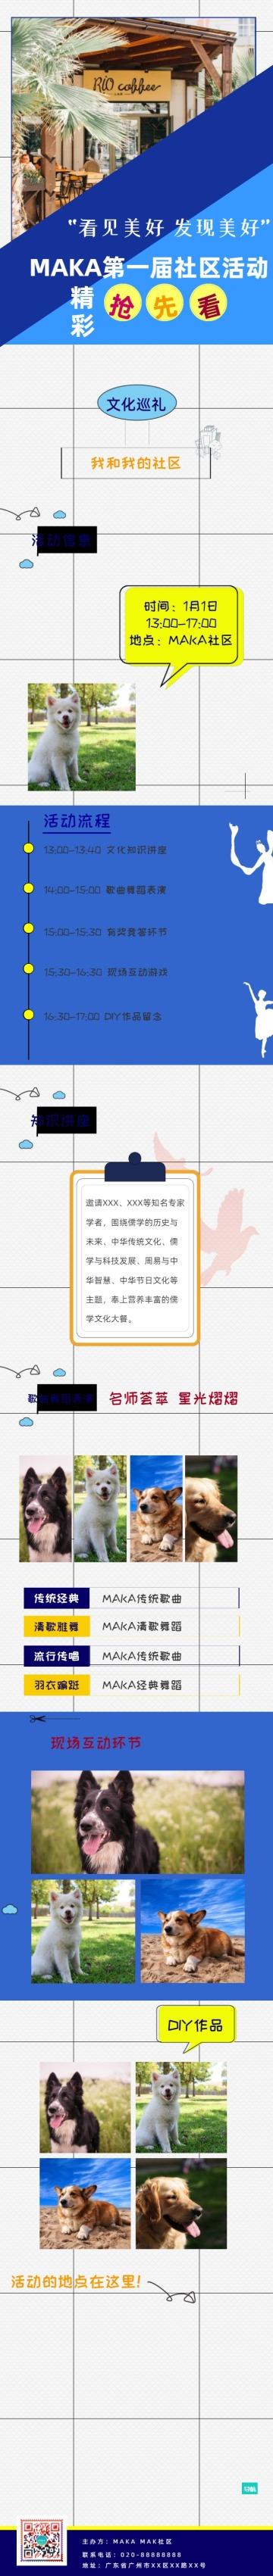 社区活动宣传推广新闻报道蓝色简约长页H5